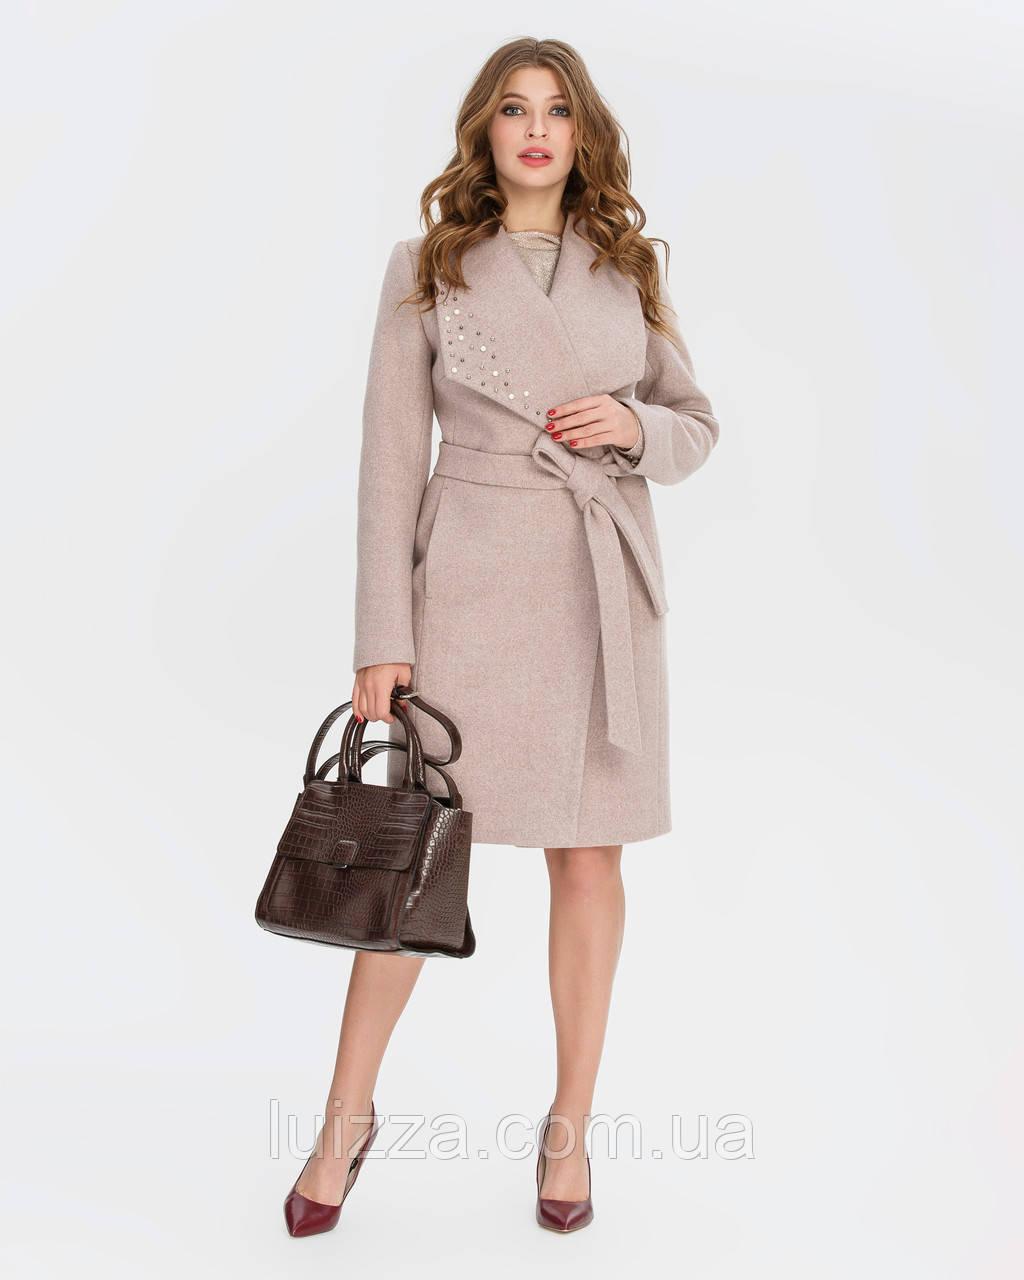 Пальто жіноче демісезонне 42-52р